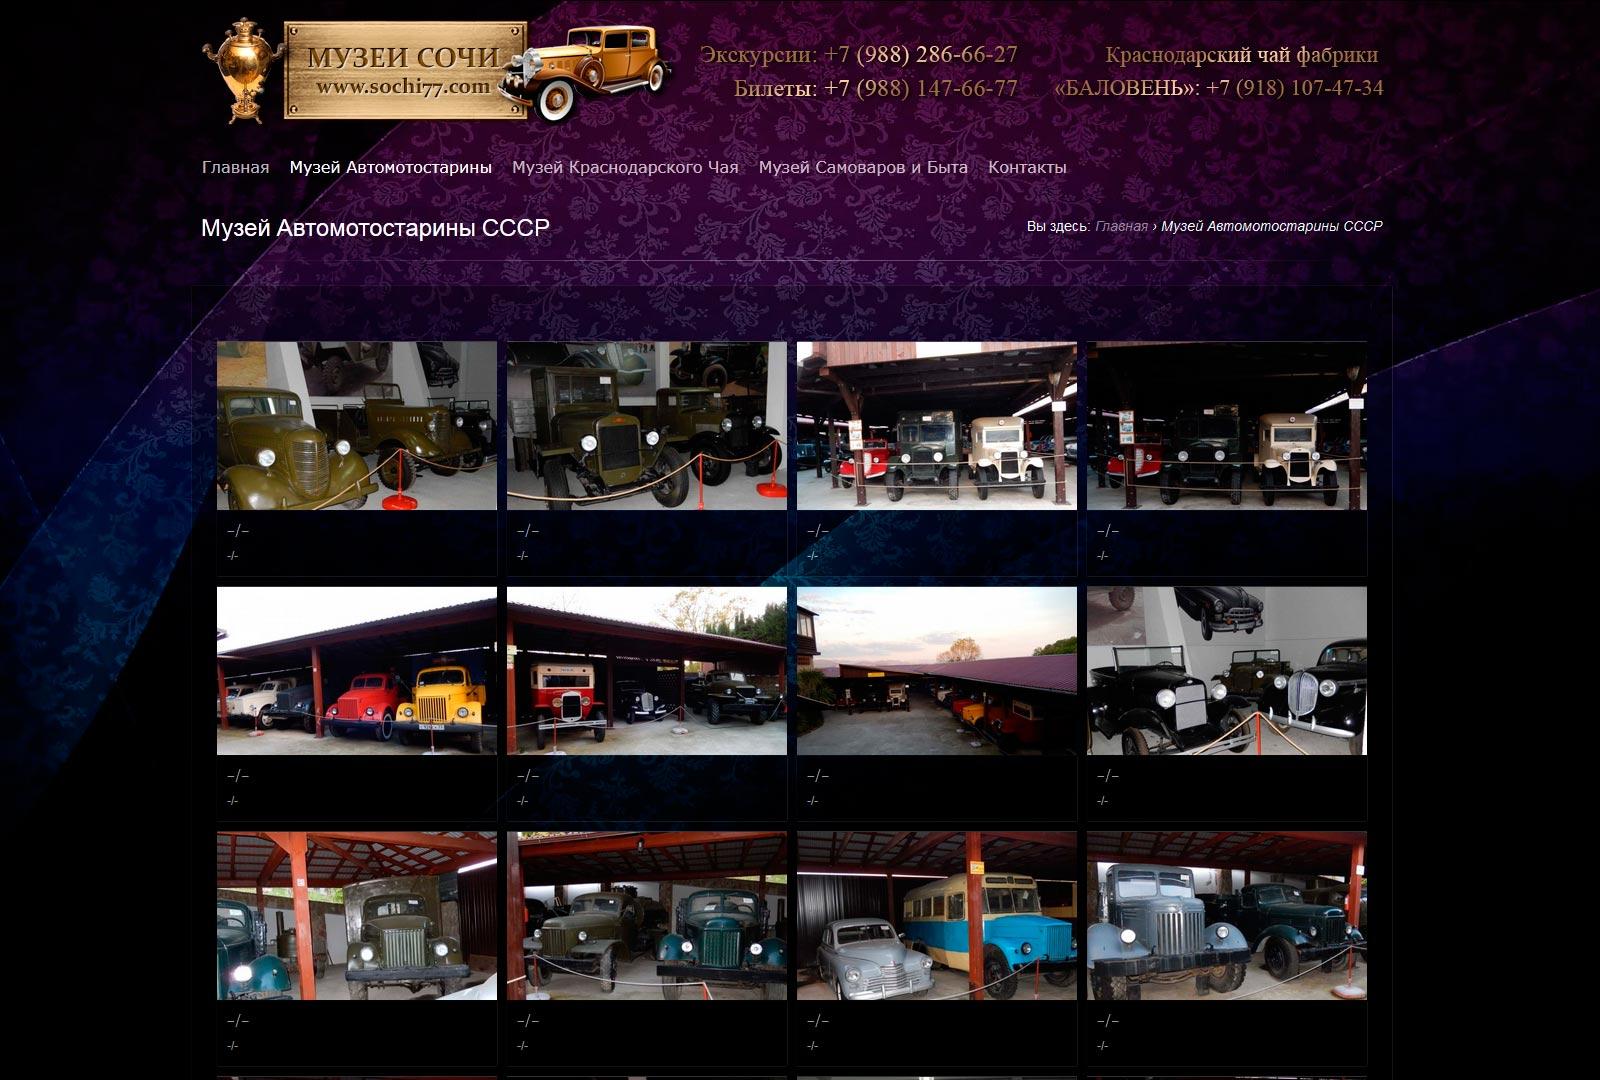 Создание сайта для Экскурсии Сочи